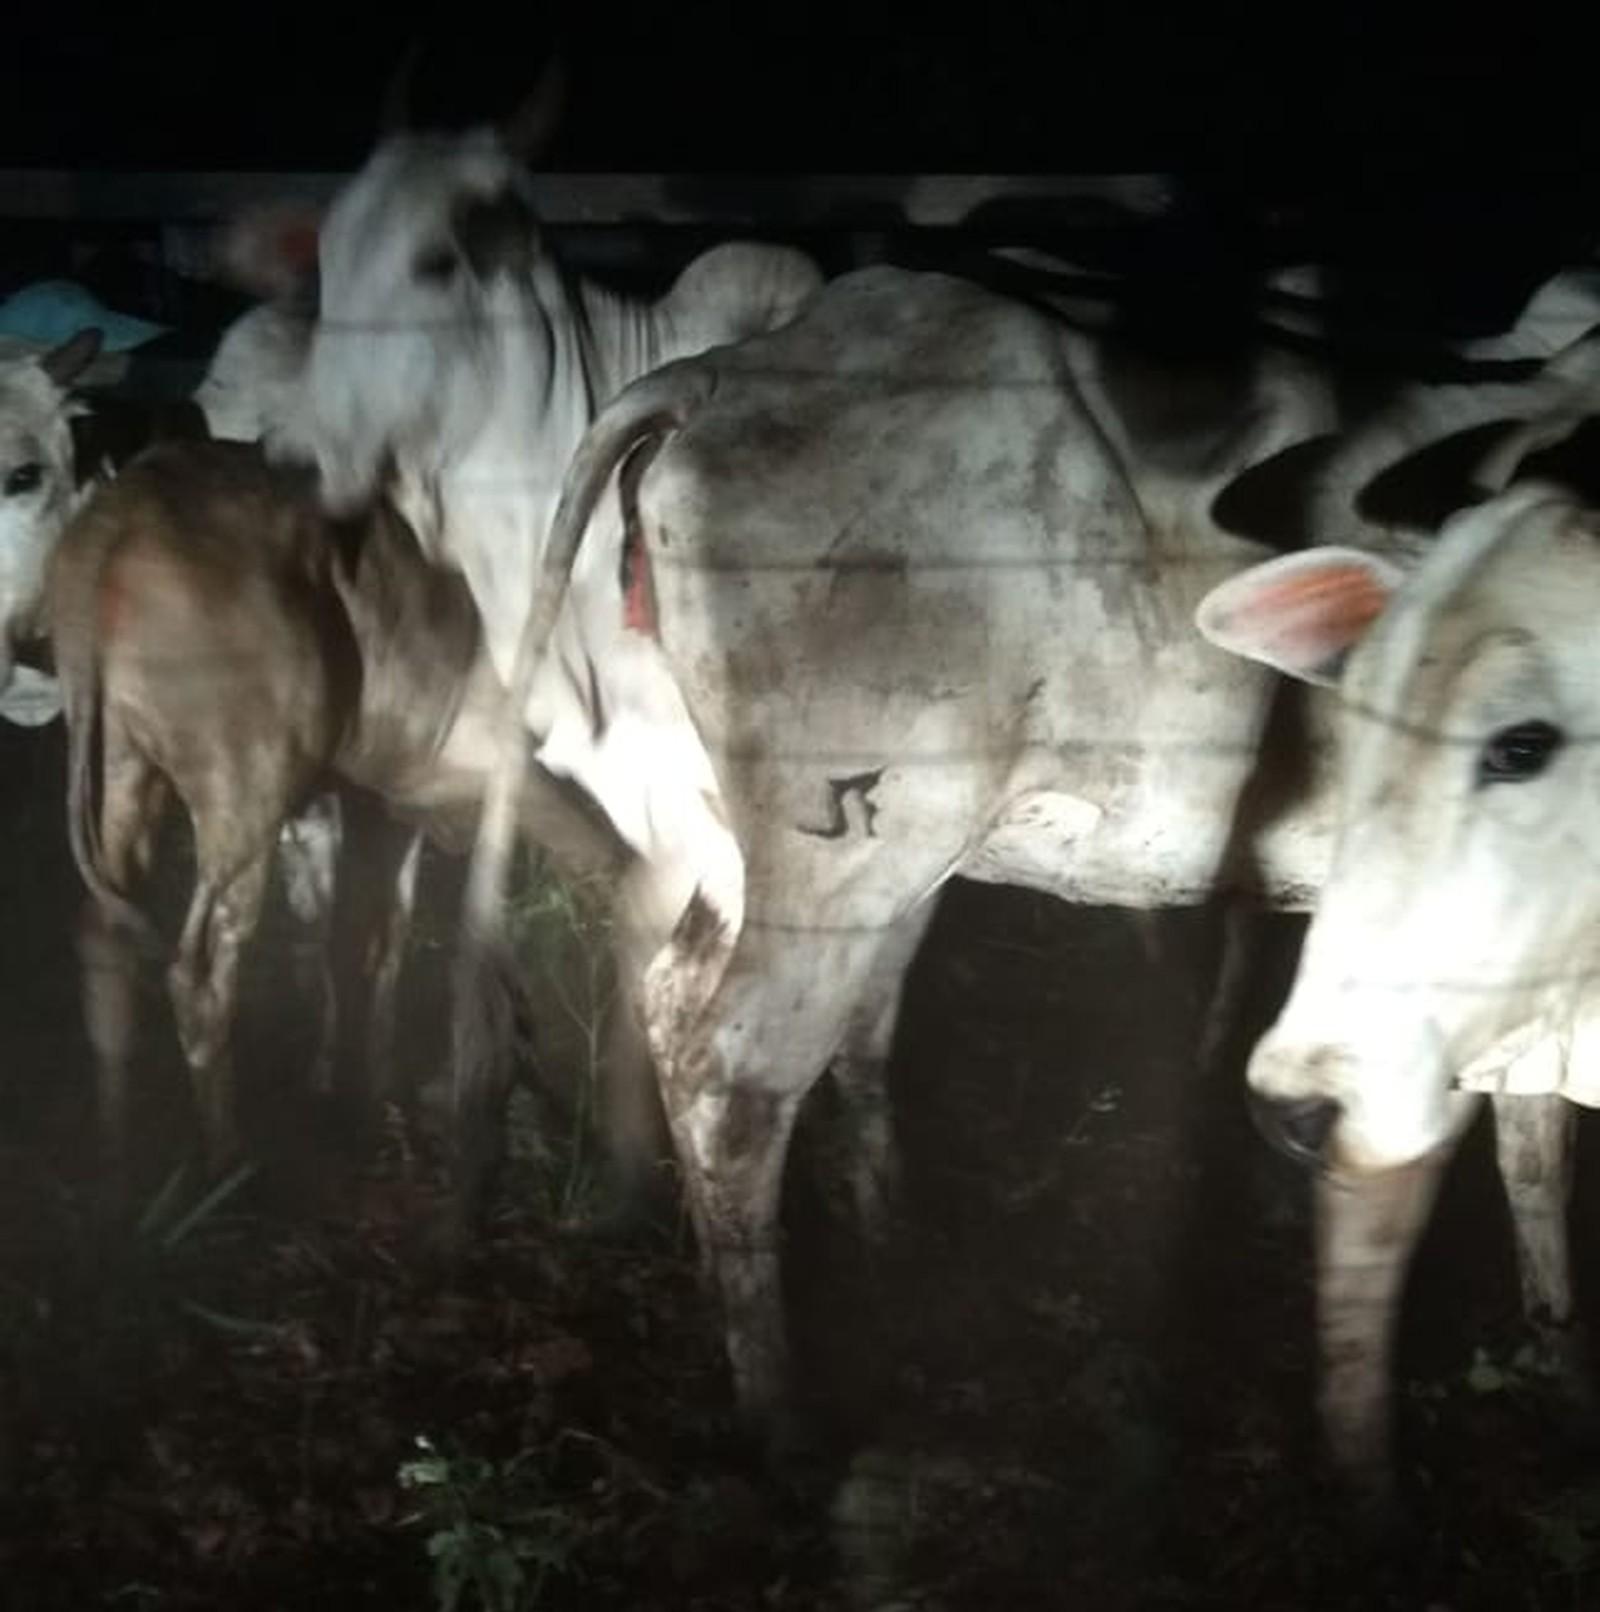 Caminhões são apreendidos e mais de 50 cabeças de gado recuperadas após furto em fazenda